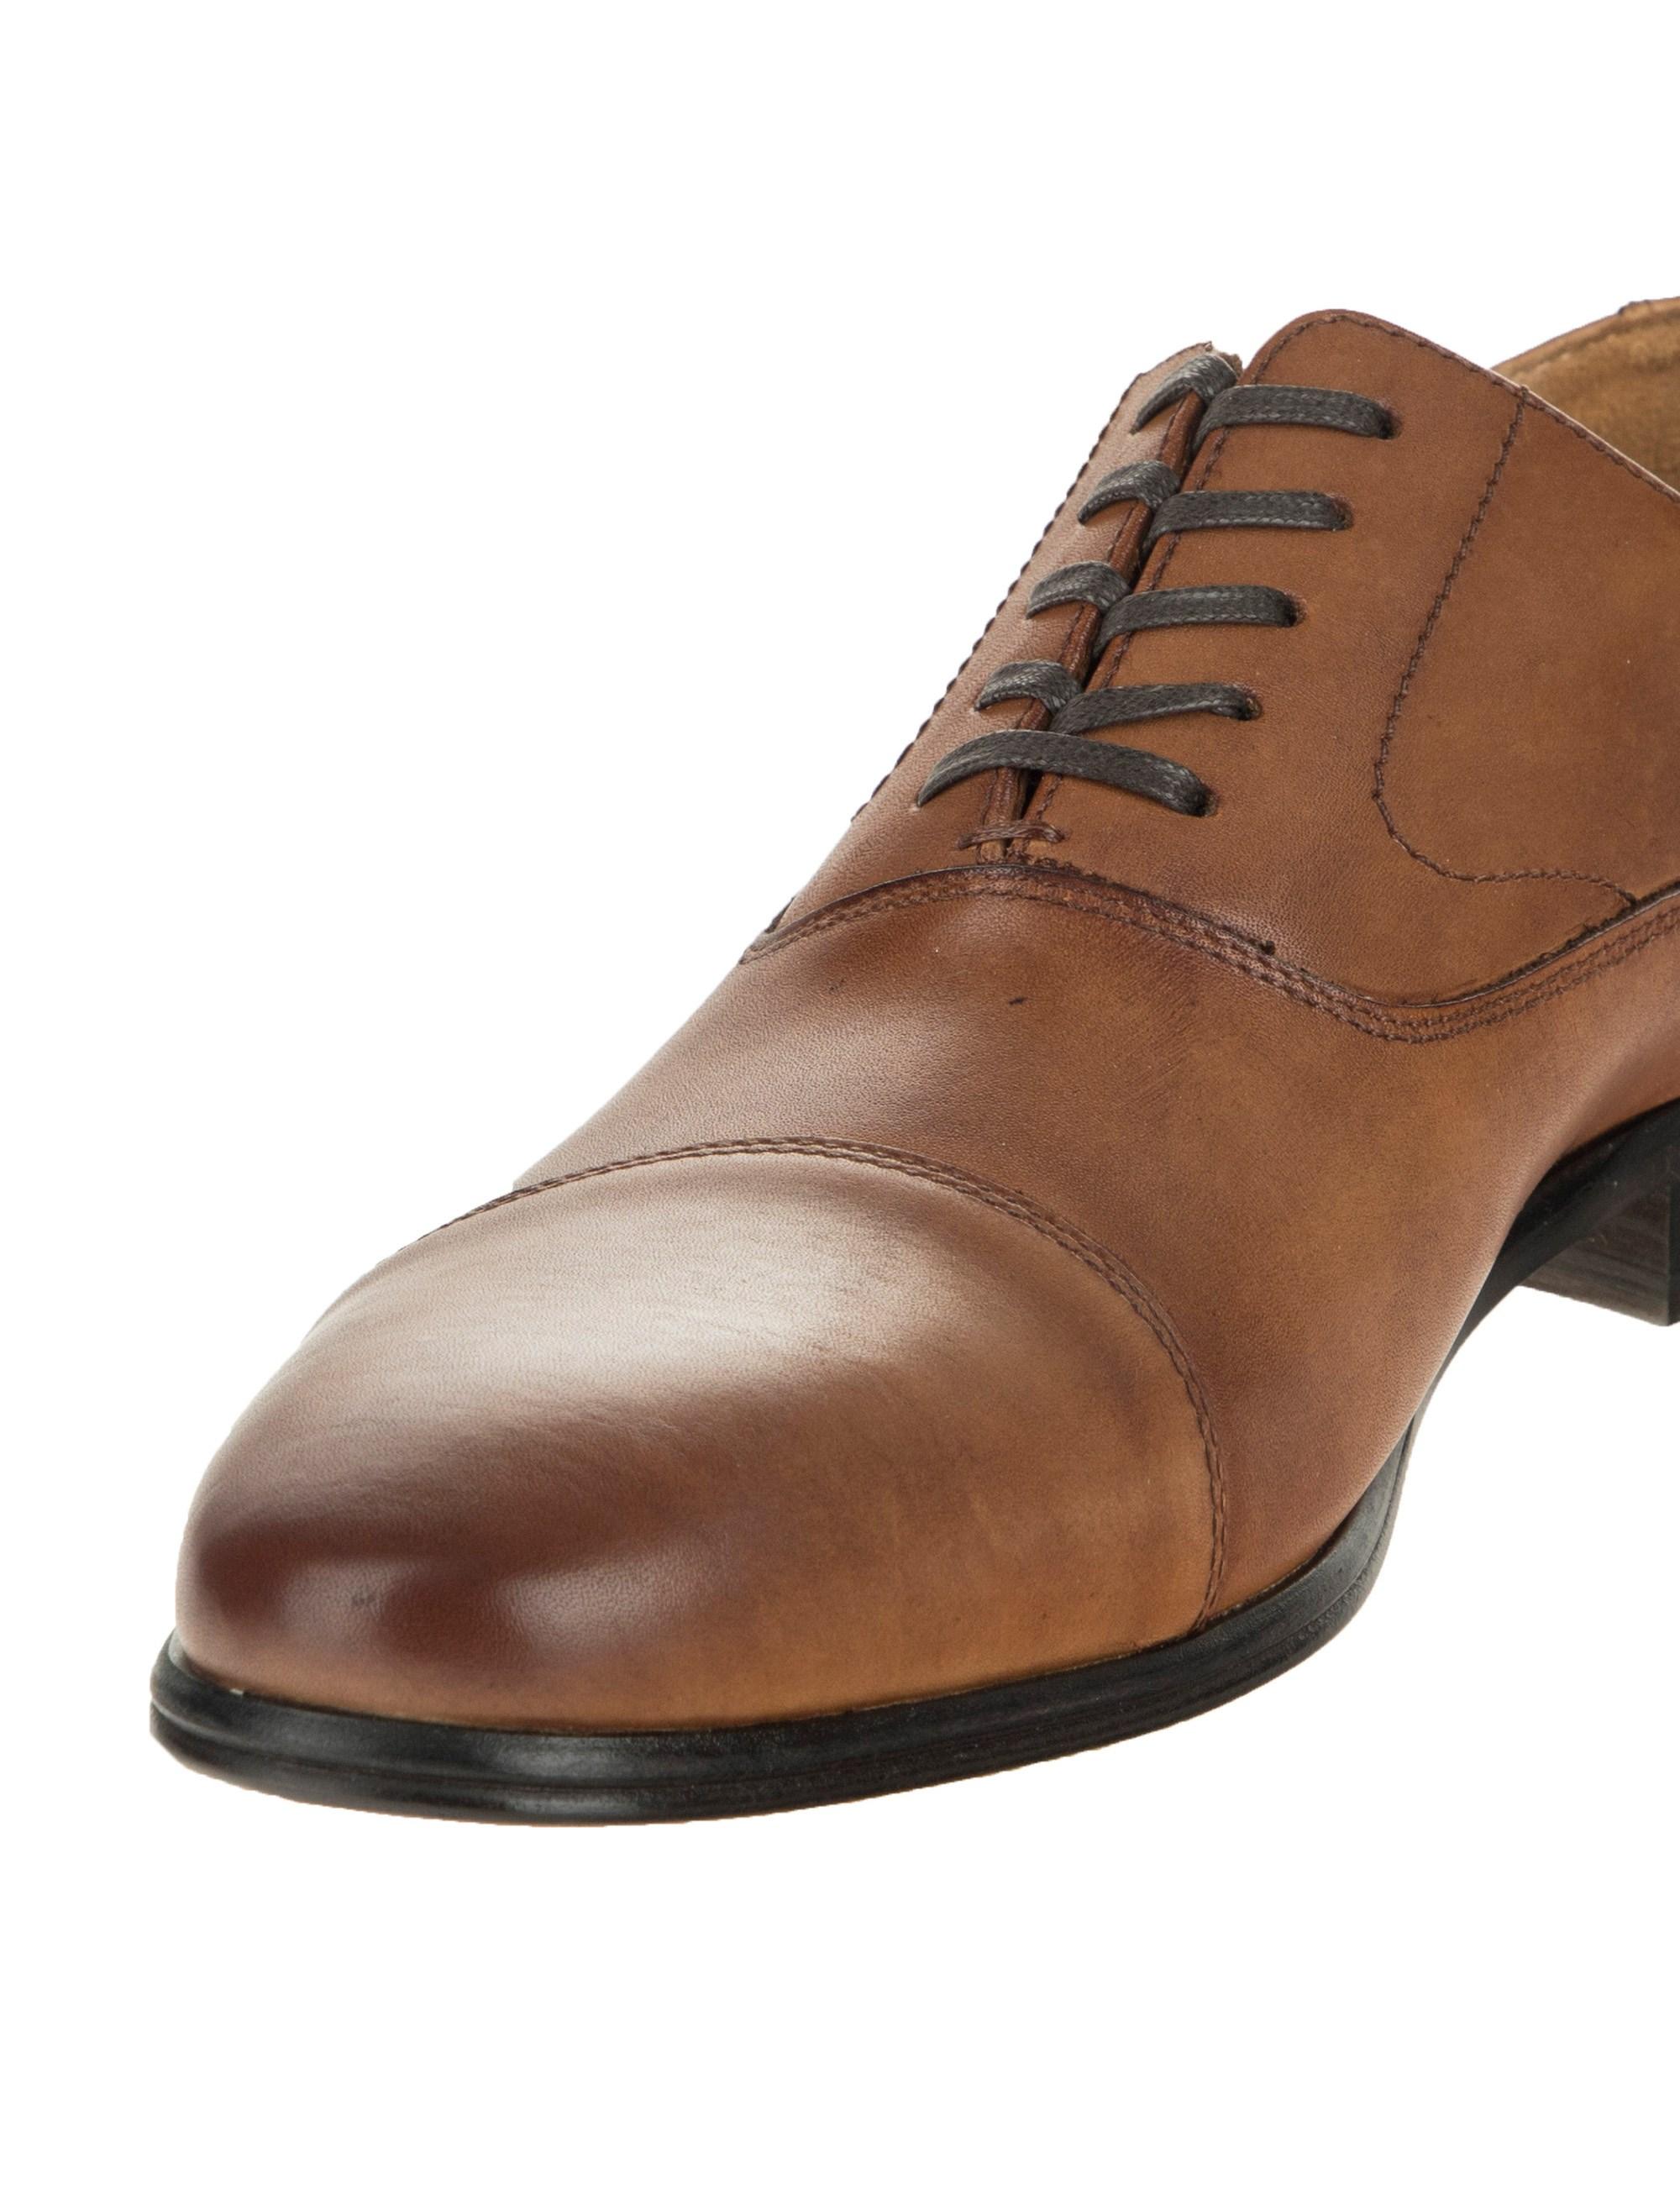 کفش رسمی چرم مردانه - آلدو - قهوه اي روشن - 6